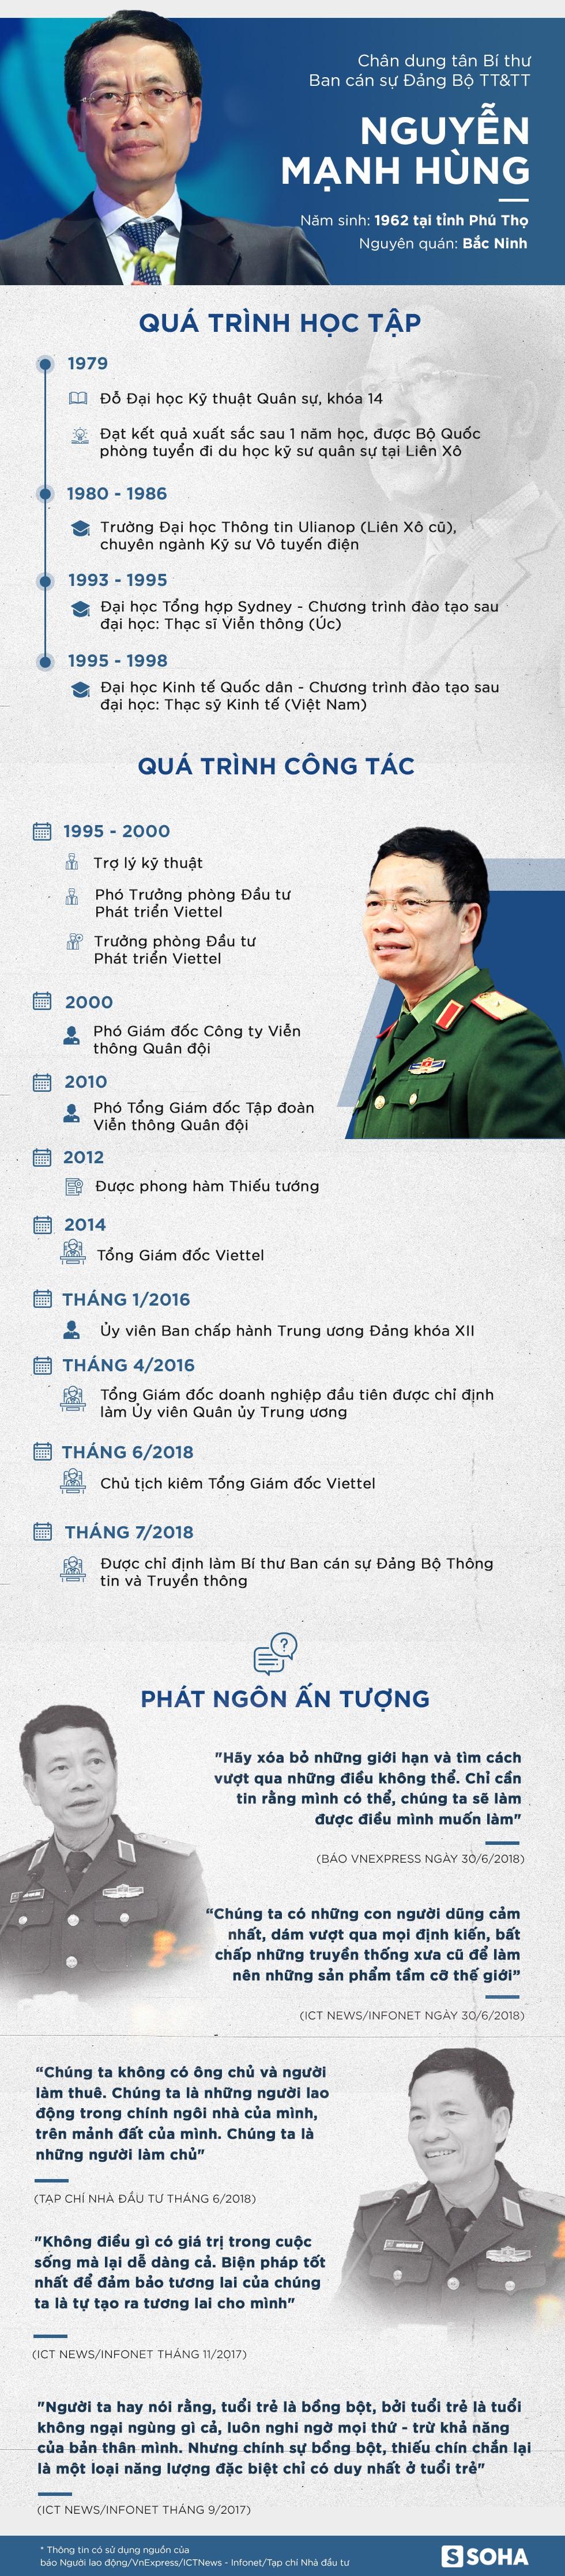 Chân dung tân Bí thư Ban cán sự Đảng Bộ TT&TT Nguyễn Mạnh Hùng - Ảnh 1.